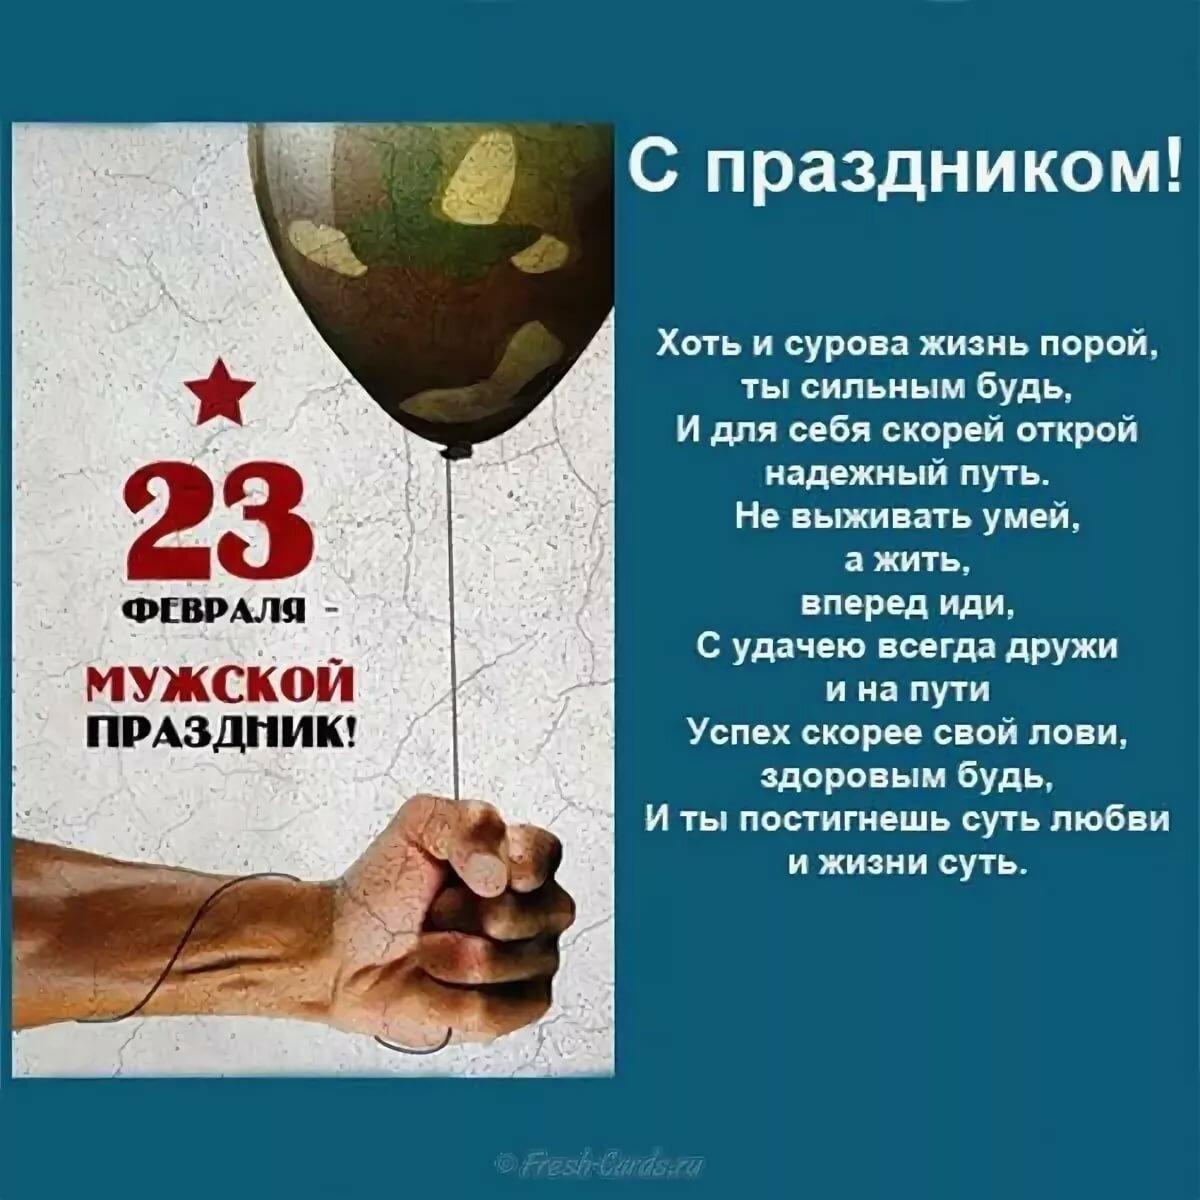 Защиты, открытка сыну 23 февраля